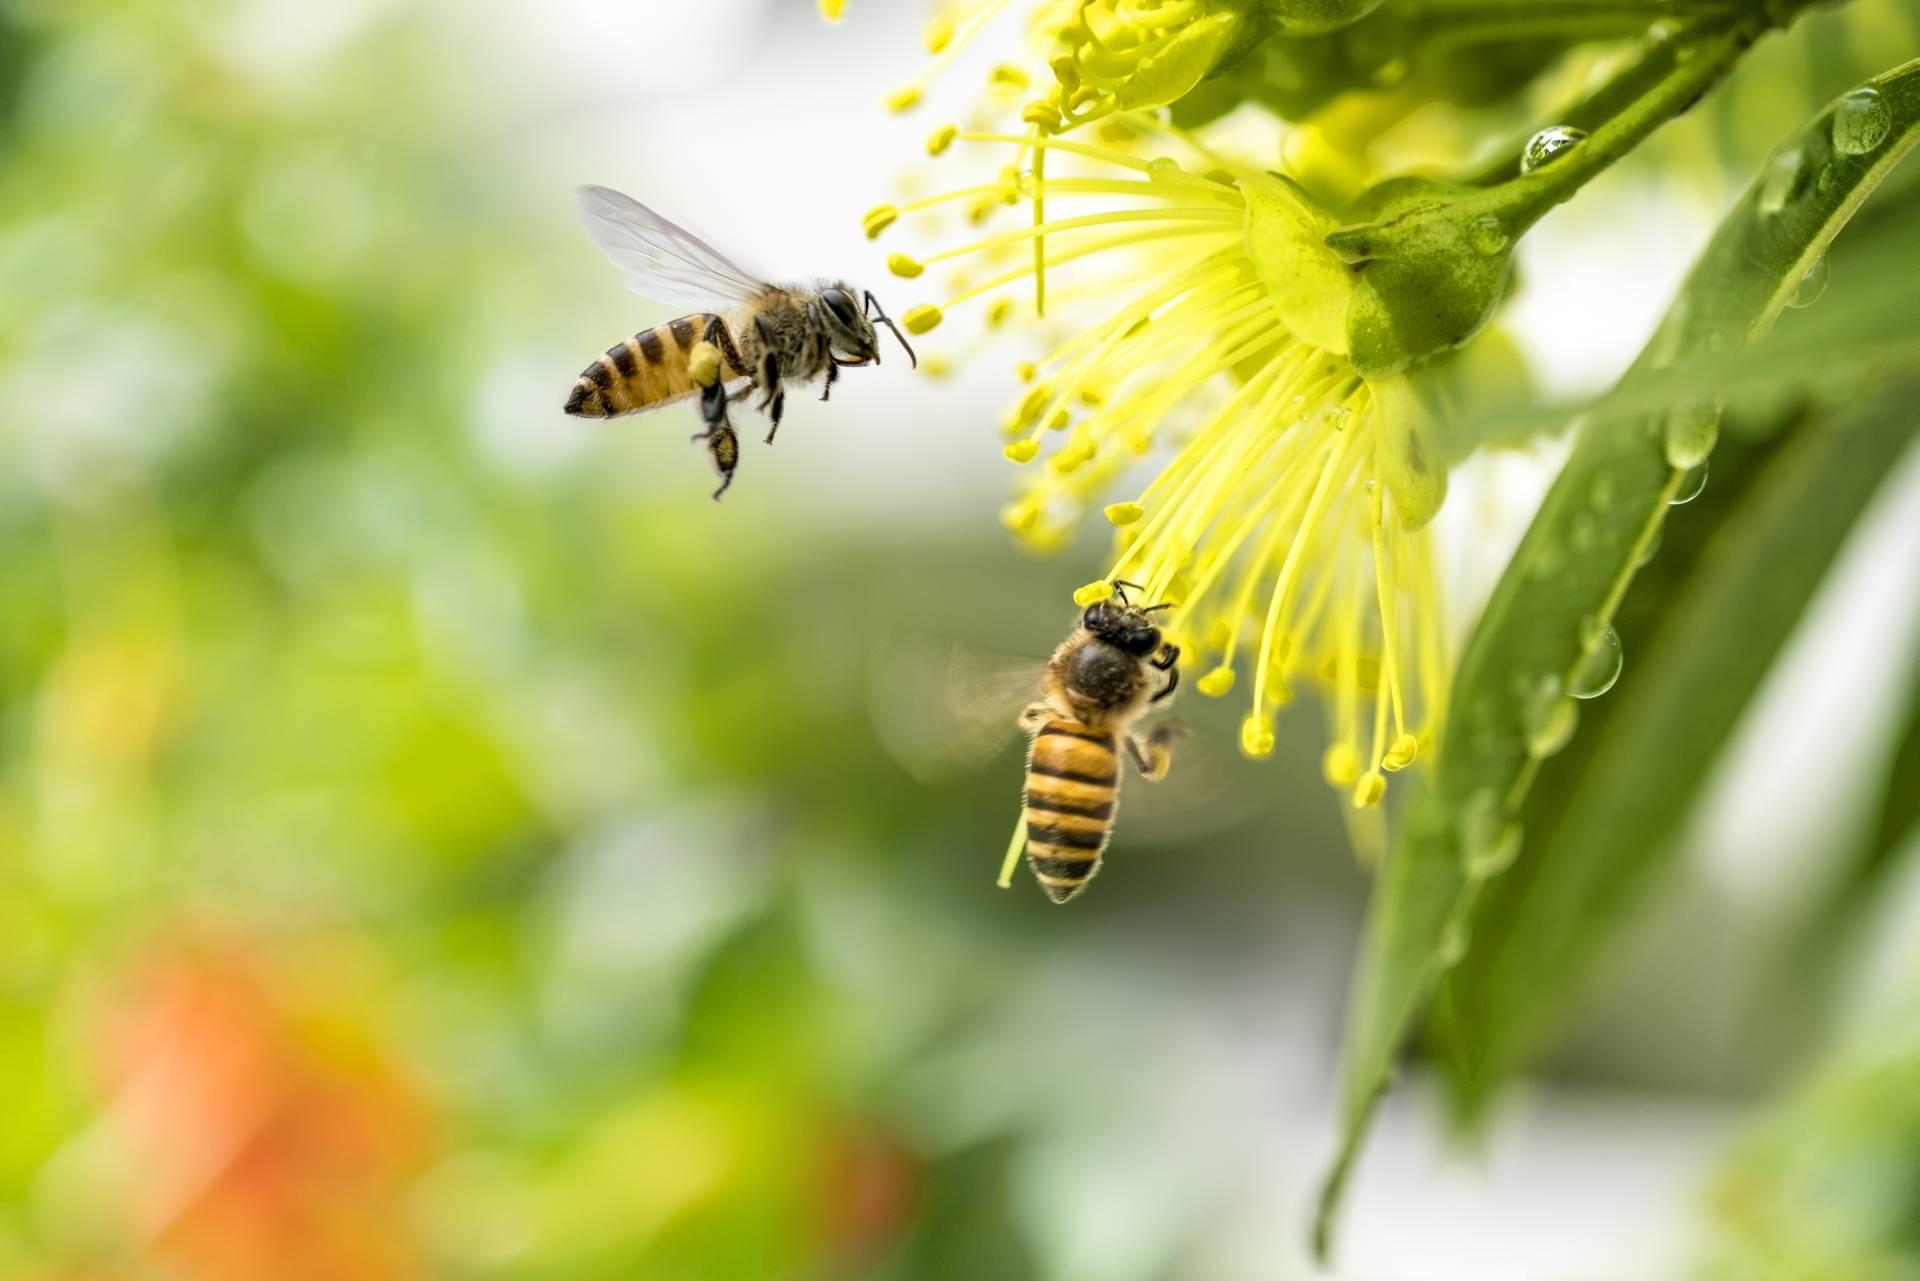 Rośliny miododajne - dwie pszczoły zbierają nektar z żółtego kwiatka.